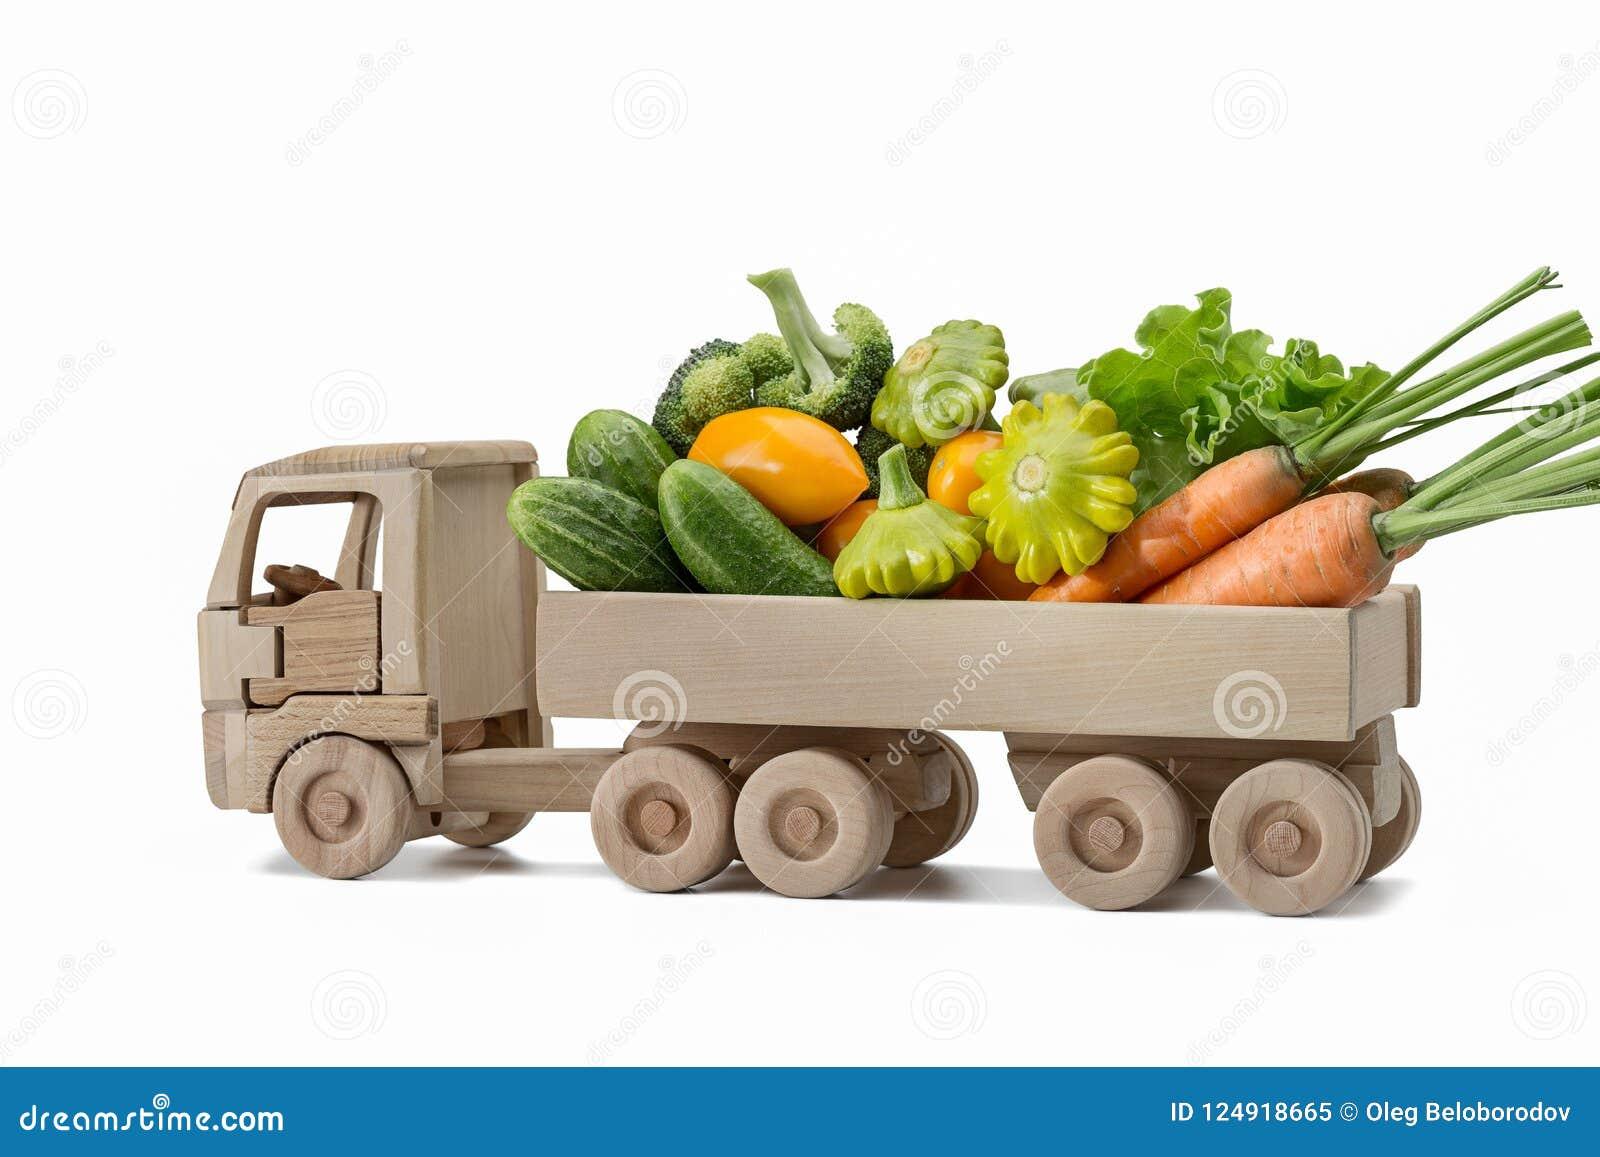 Ensemble de différents légumes frais sur le camion en bois